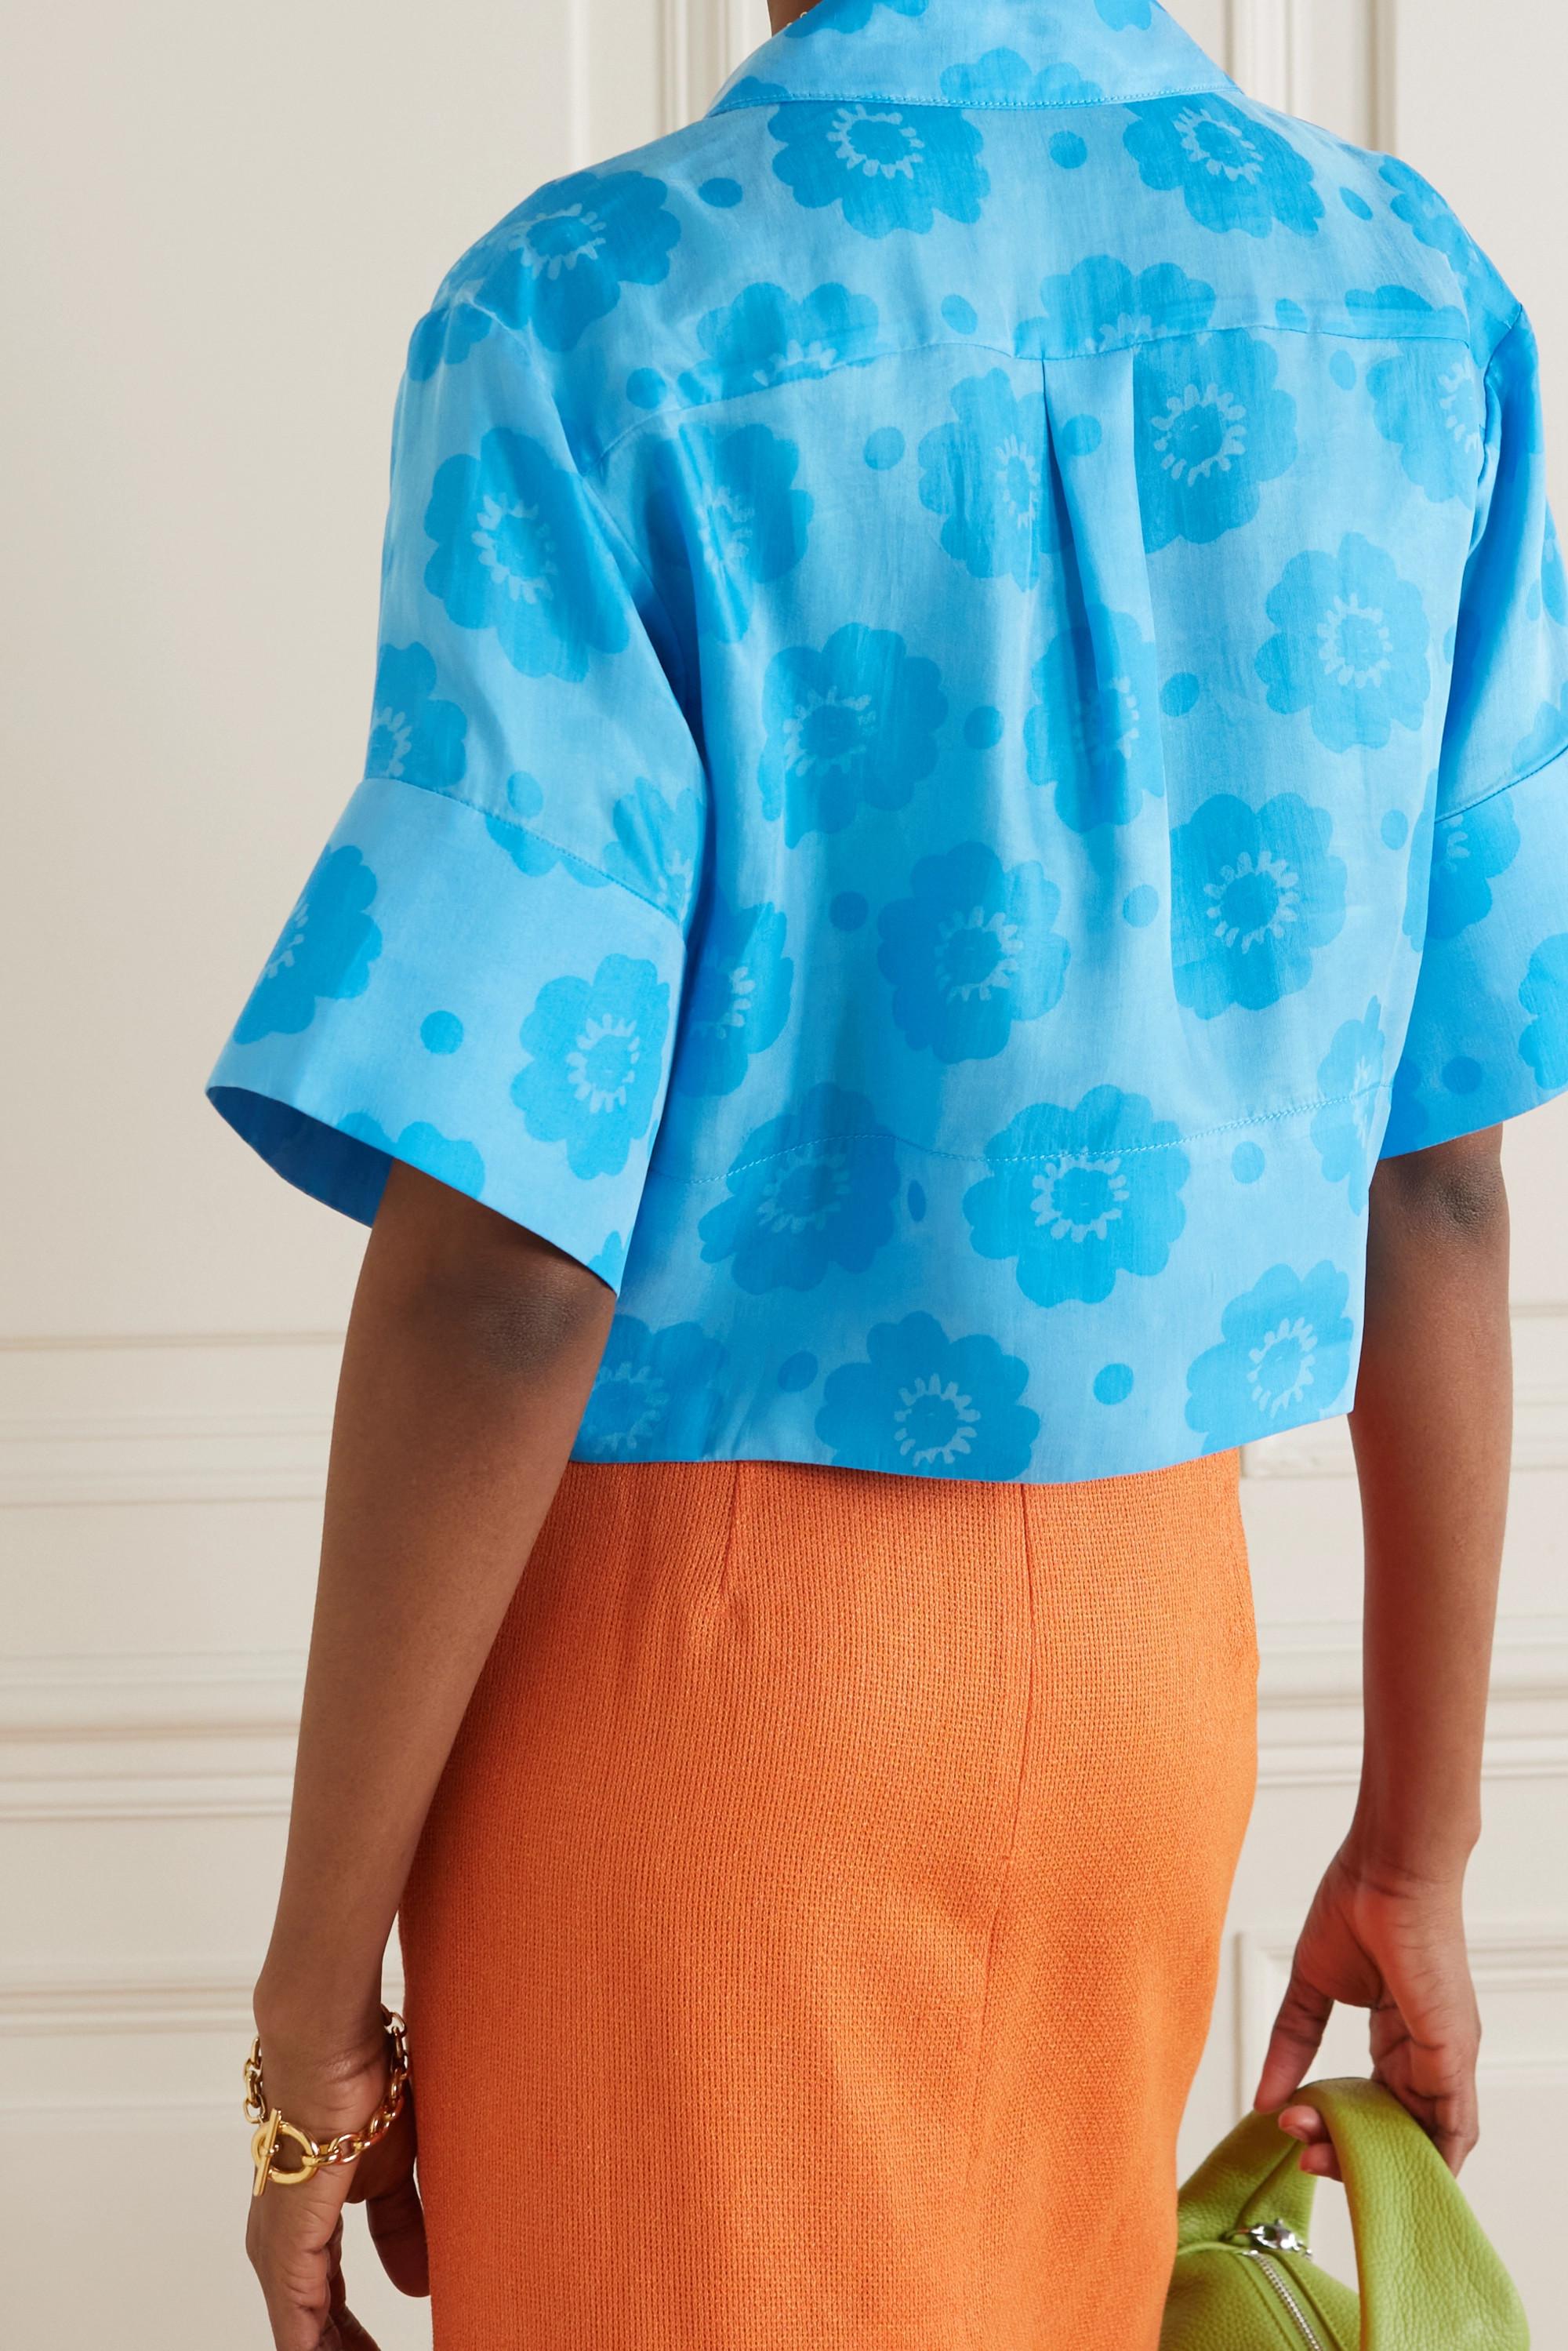 REJINA PYO + NET SUSTAIN Meryl cropped printed Fillsens Lyocell shirt